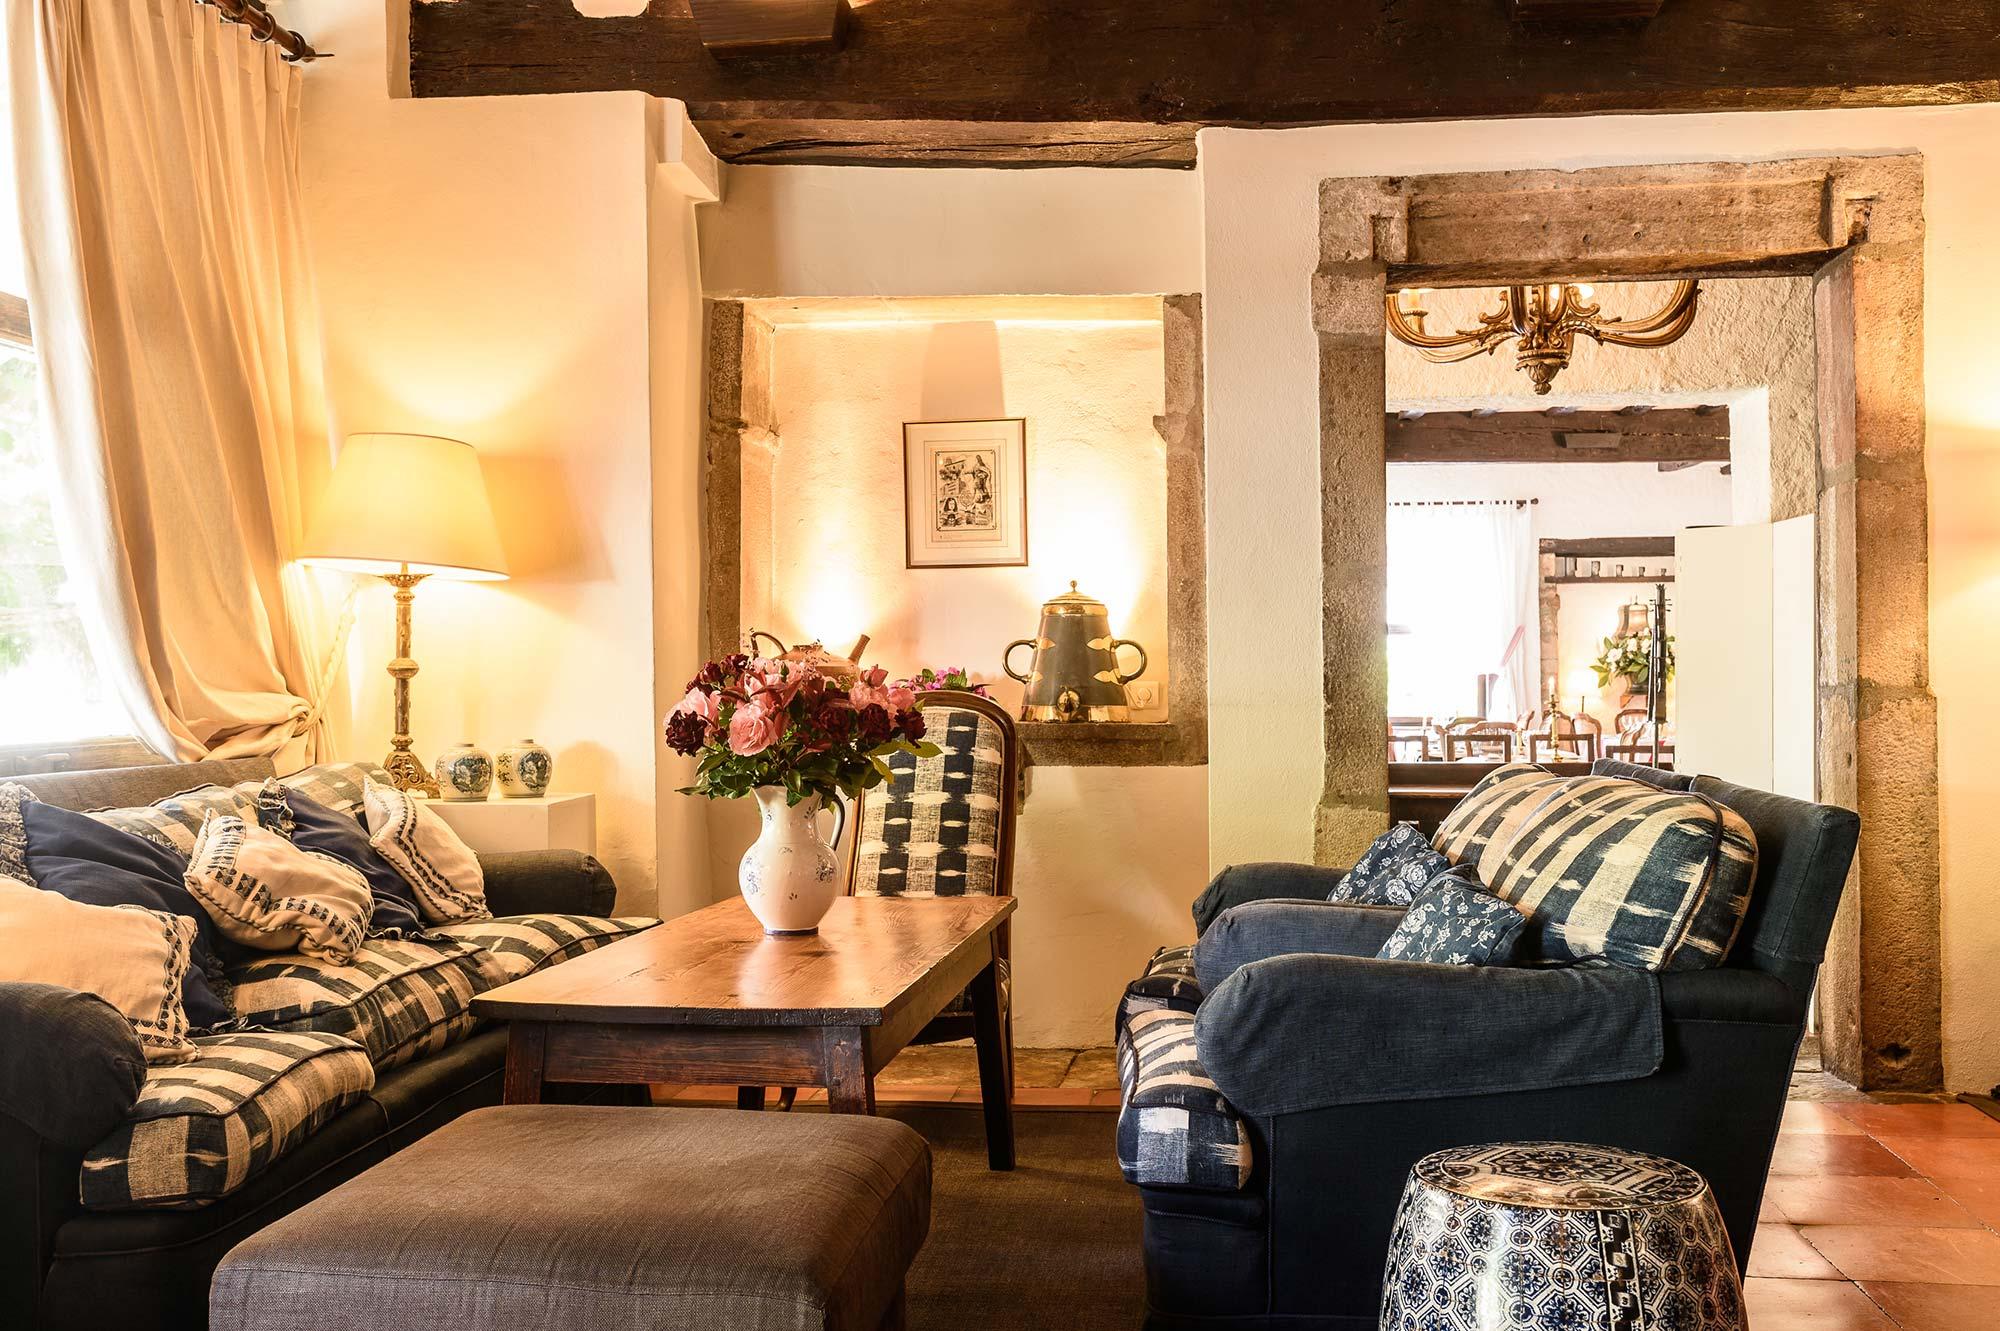 Salon avec deux canapé et une chaise, boiseries, dalle en terre cuites et linges de maison typique basque